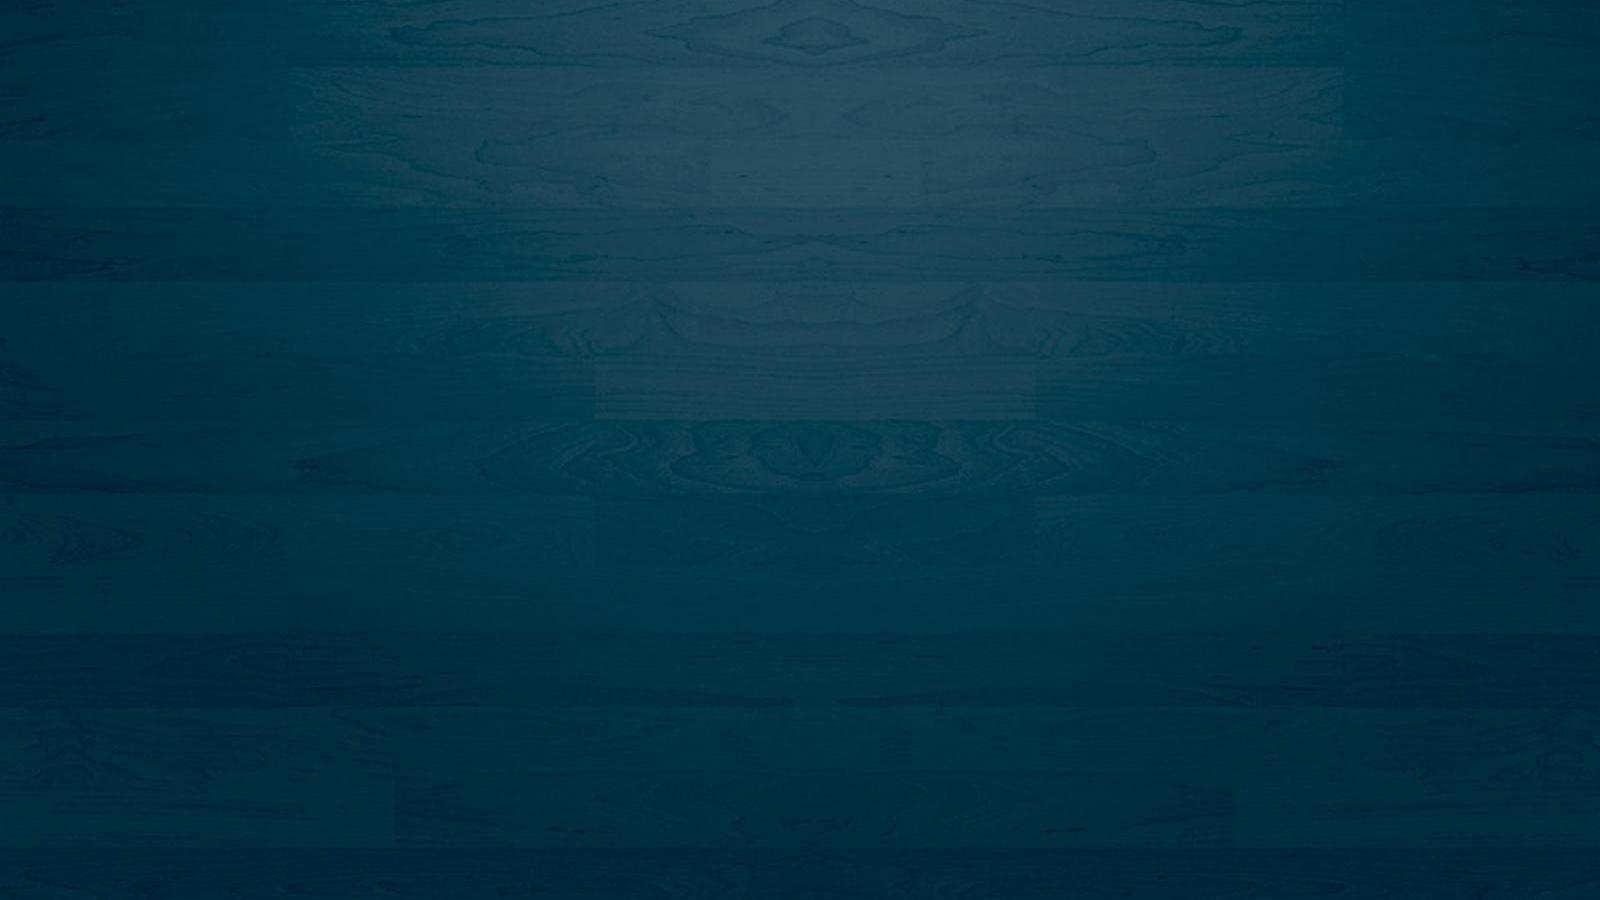 1600x900 wood desktop wallpaper a desktop wallpaper with a blue wood 1600x900